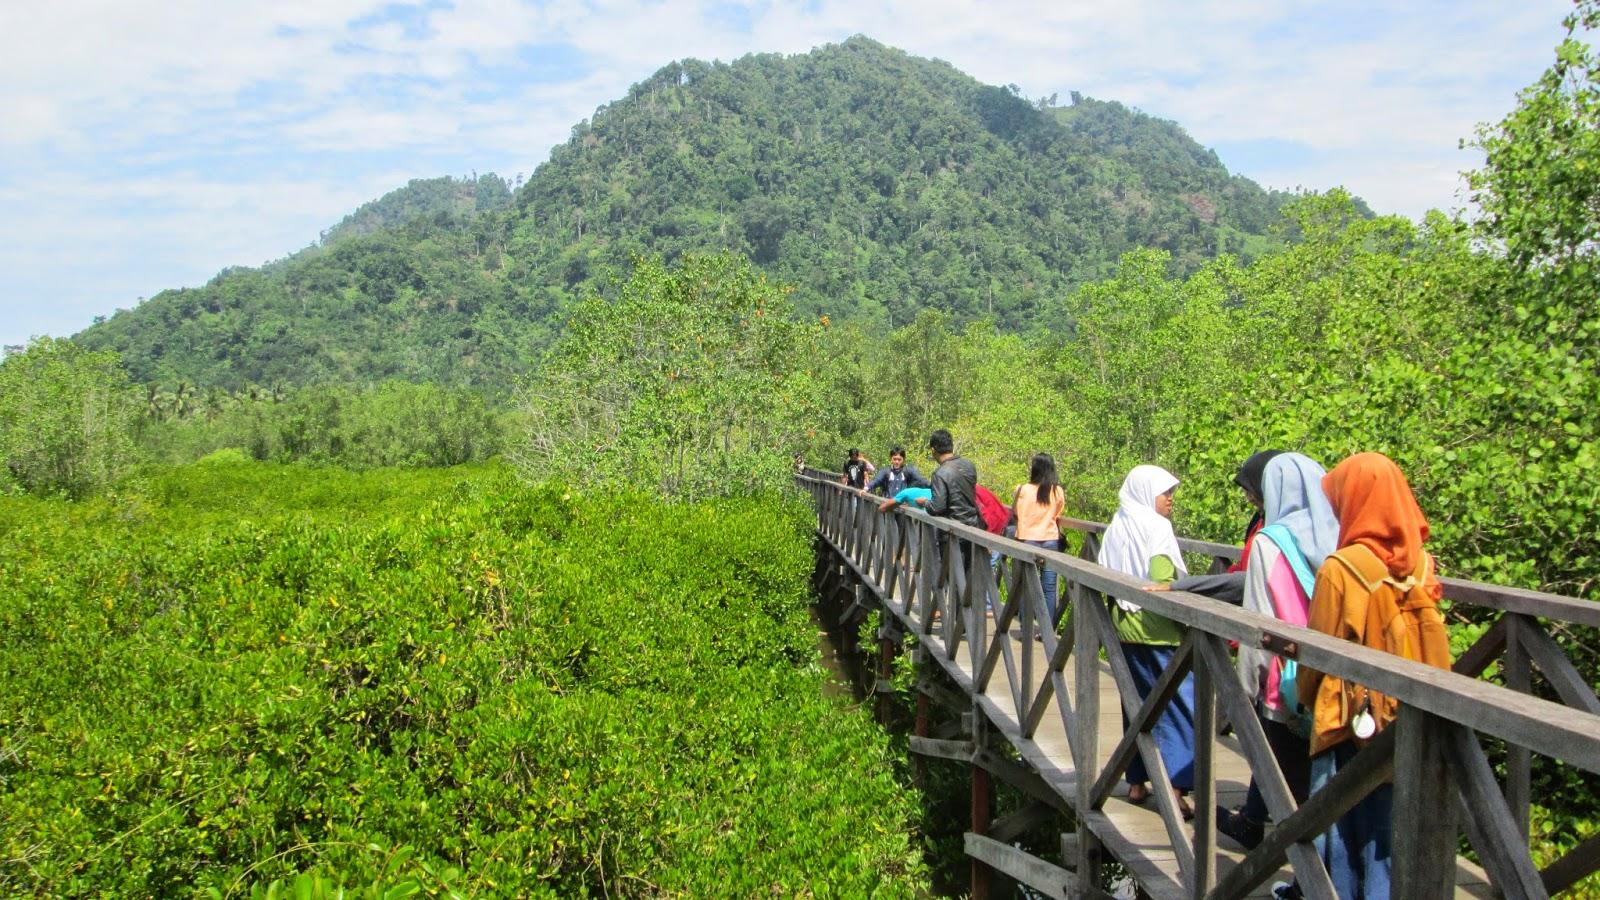 Pesona Alam Hutan Mangrove Pancer Cengkrong Sindopos Hutang Trenggalek Kab